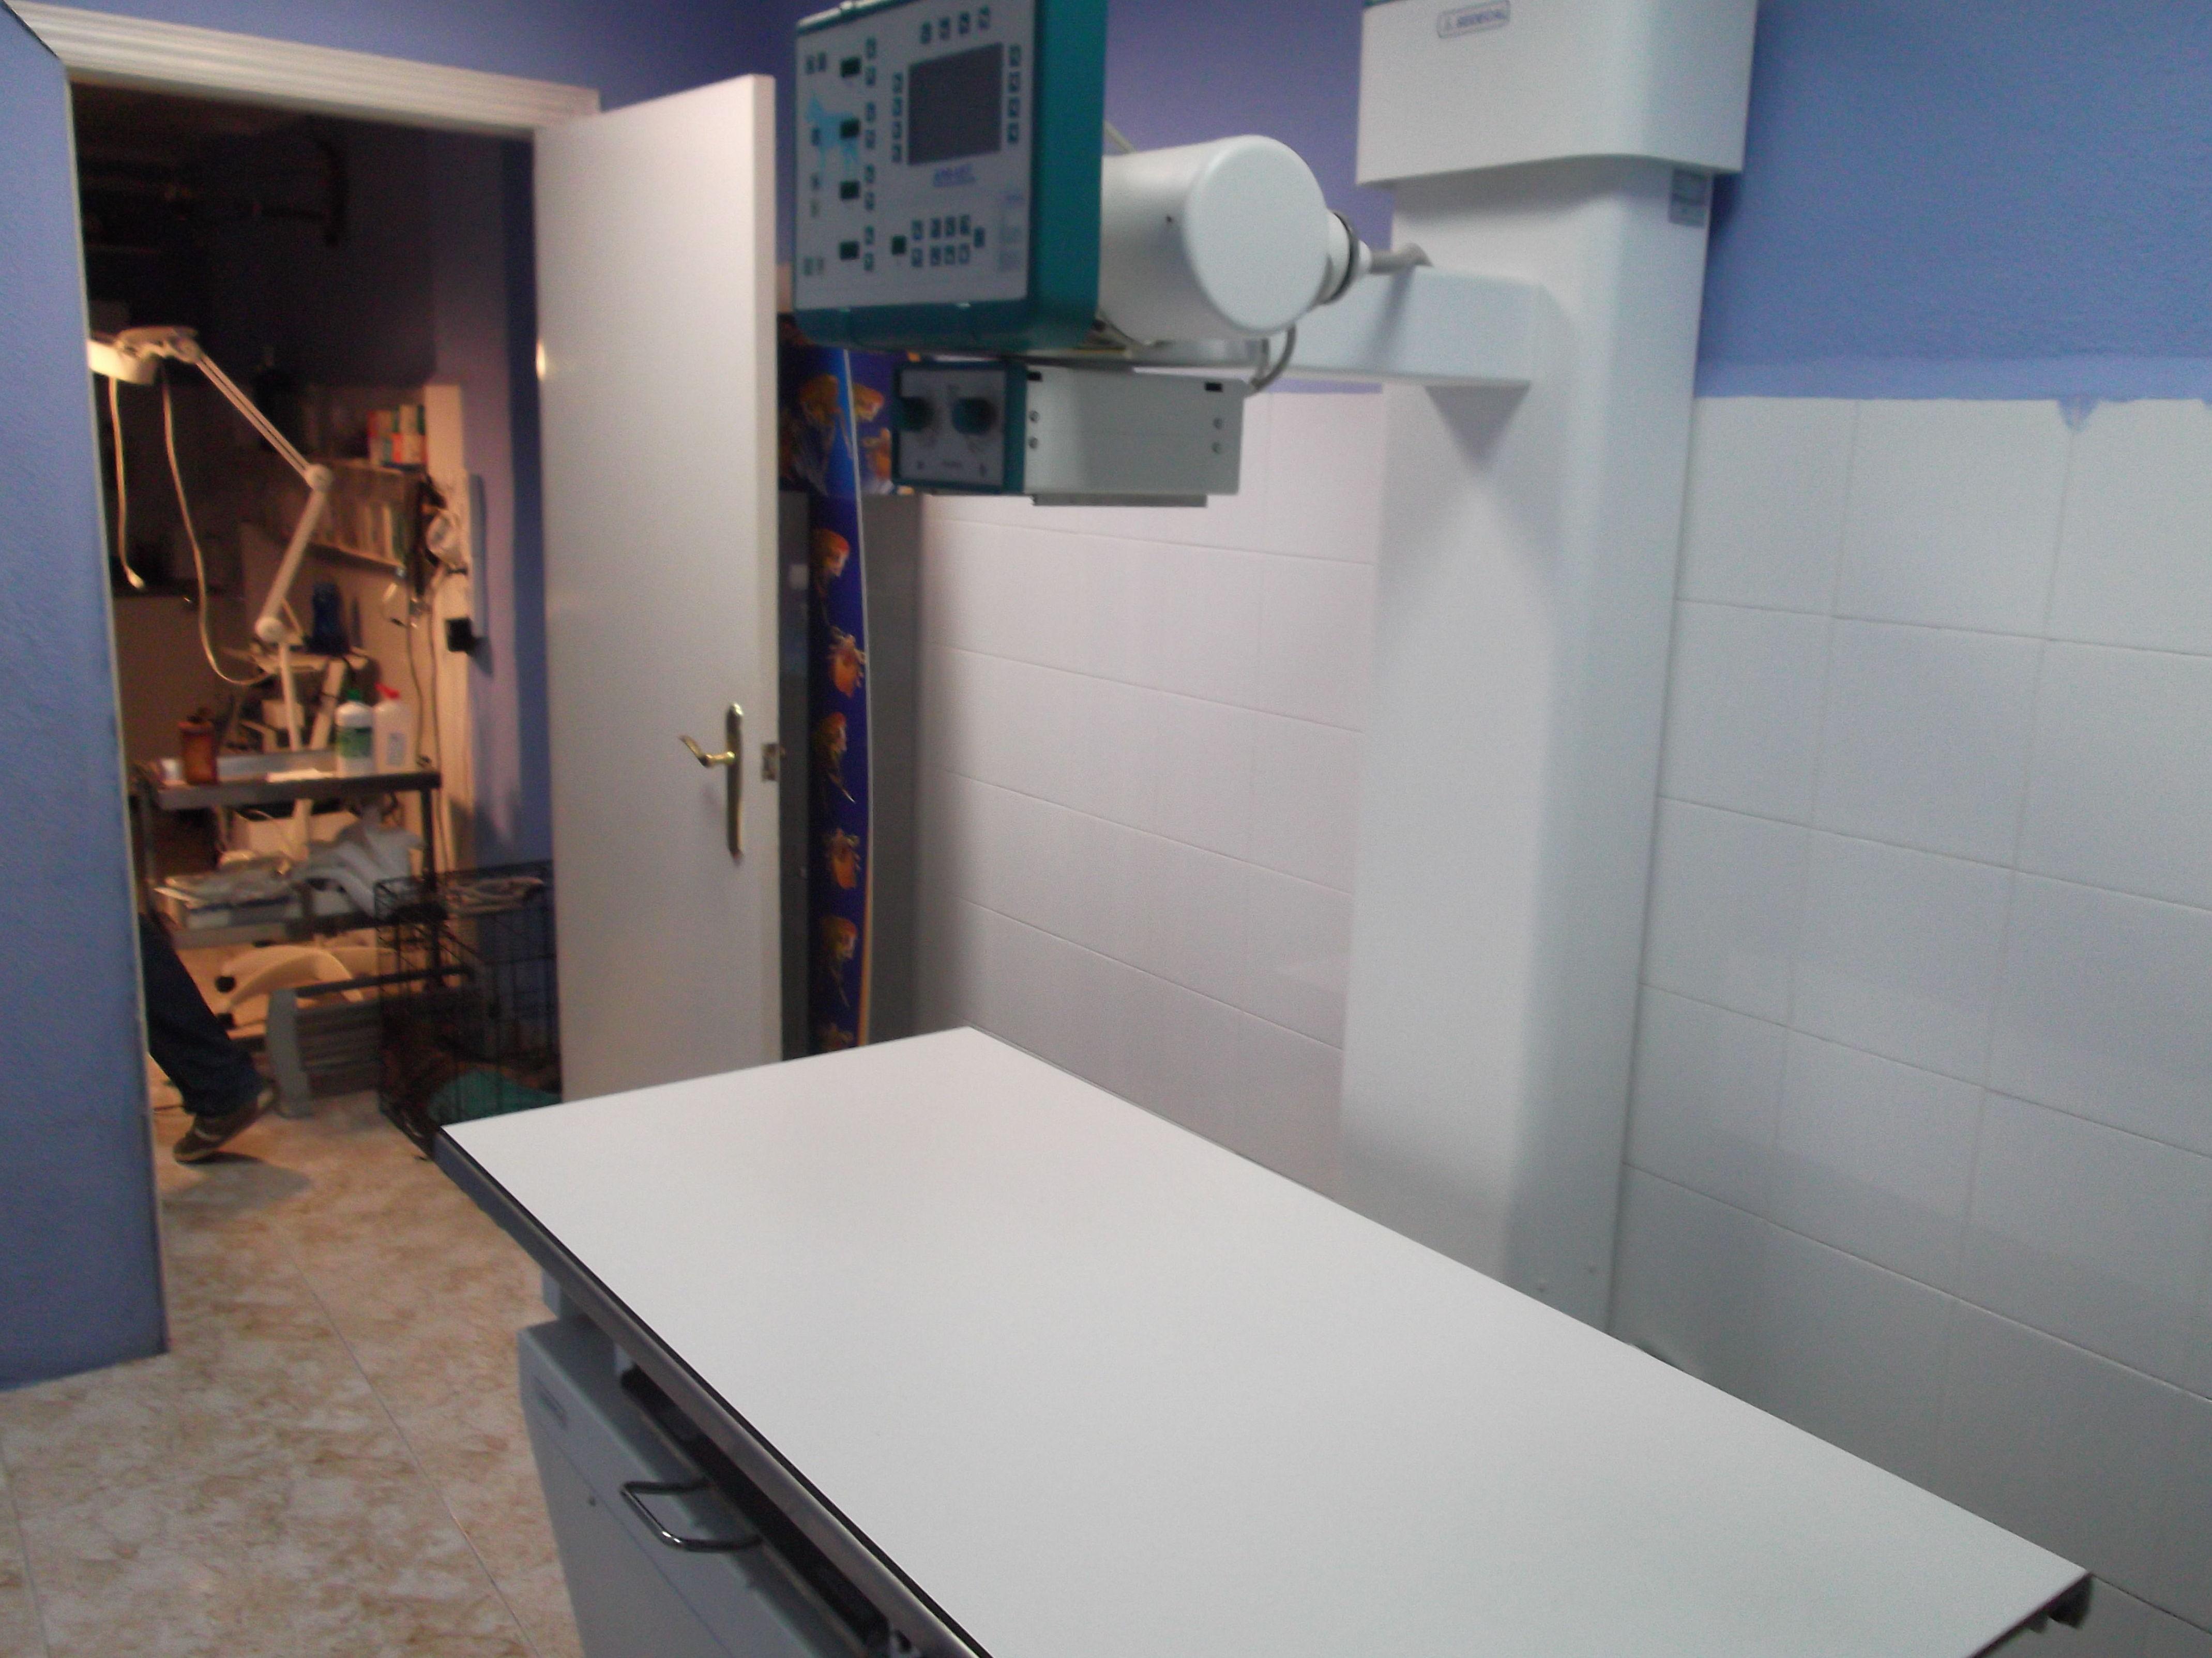 Servicio veterinario con rayos x y ecografías